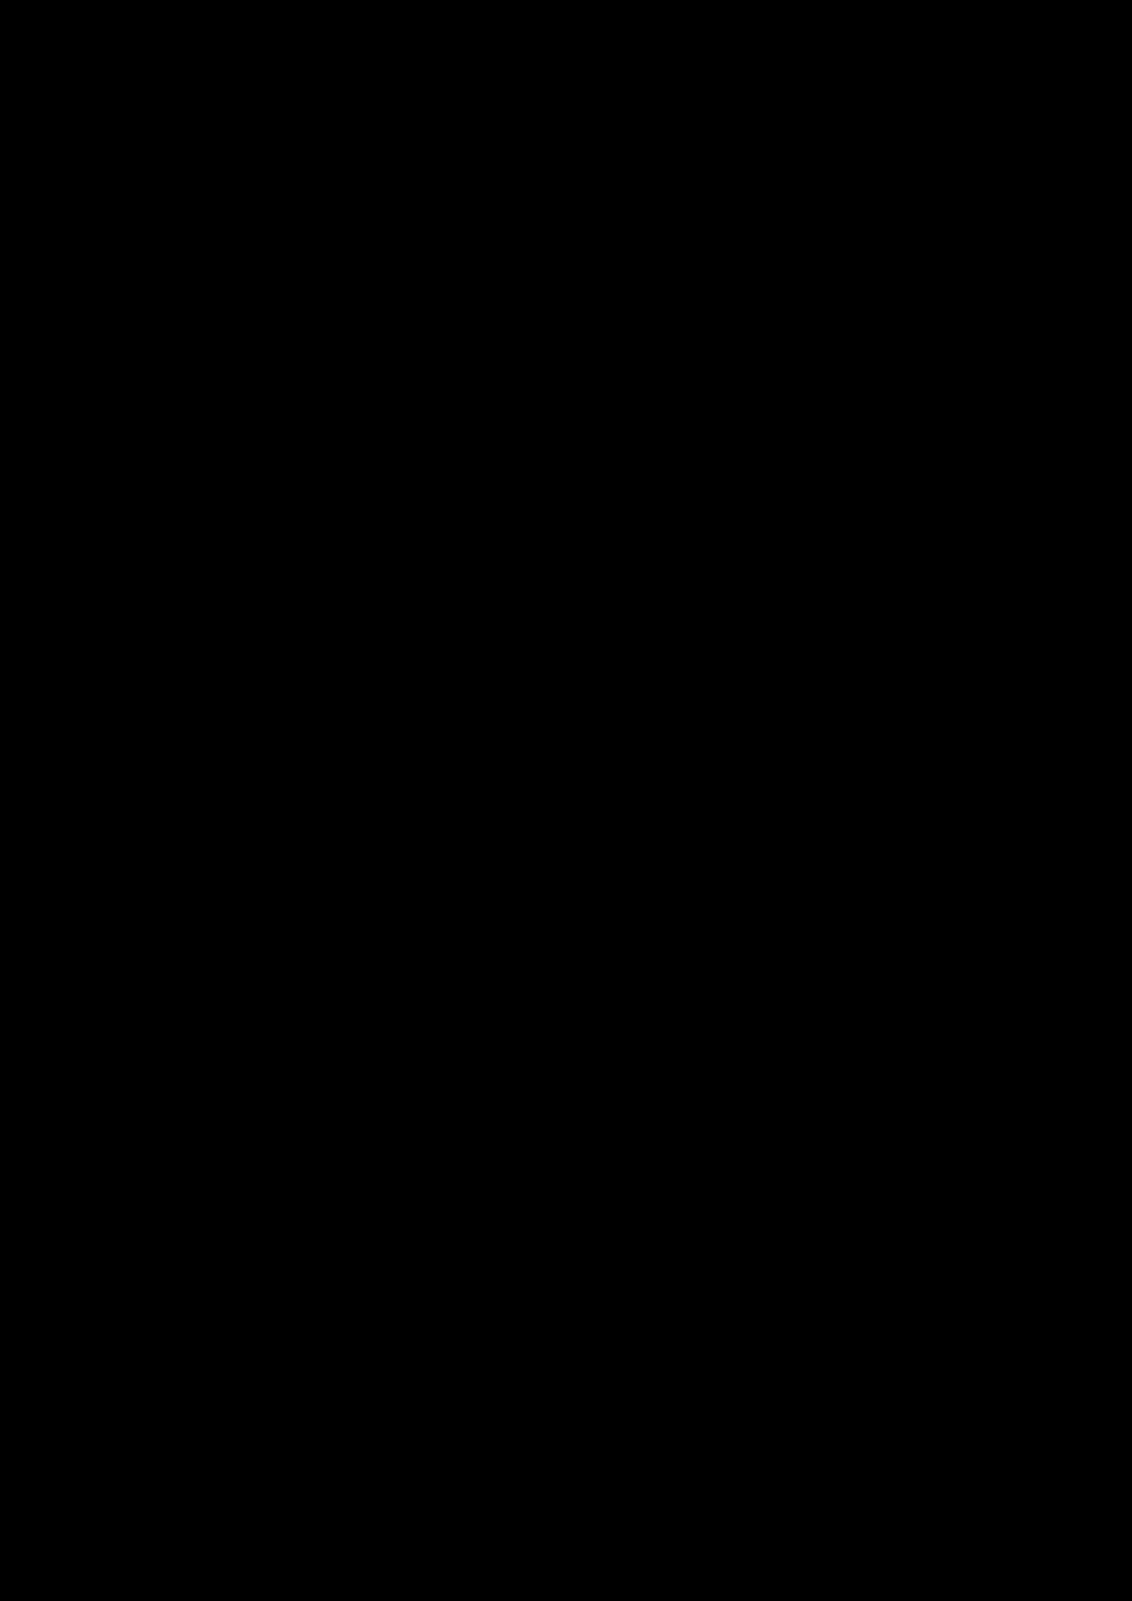 Proschanie s volshebnoy stranoy slide, Image 12